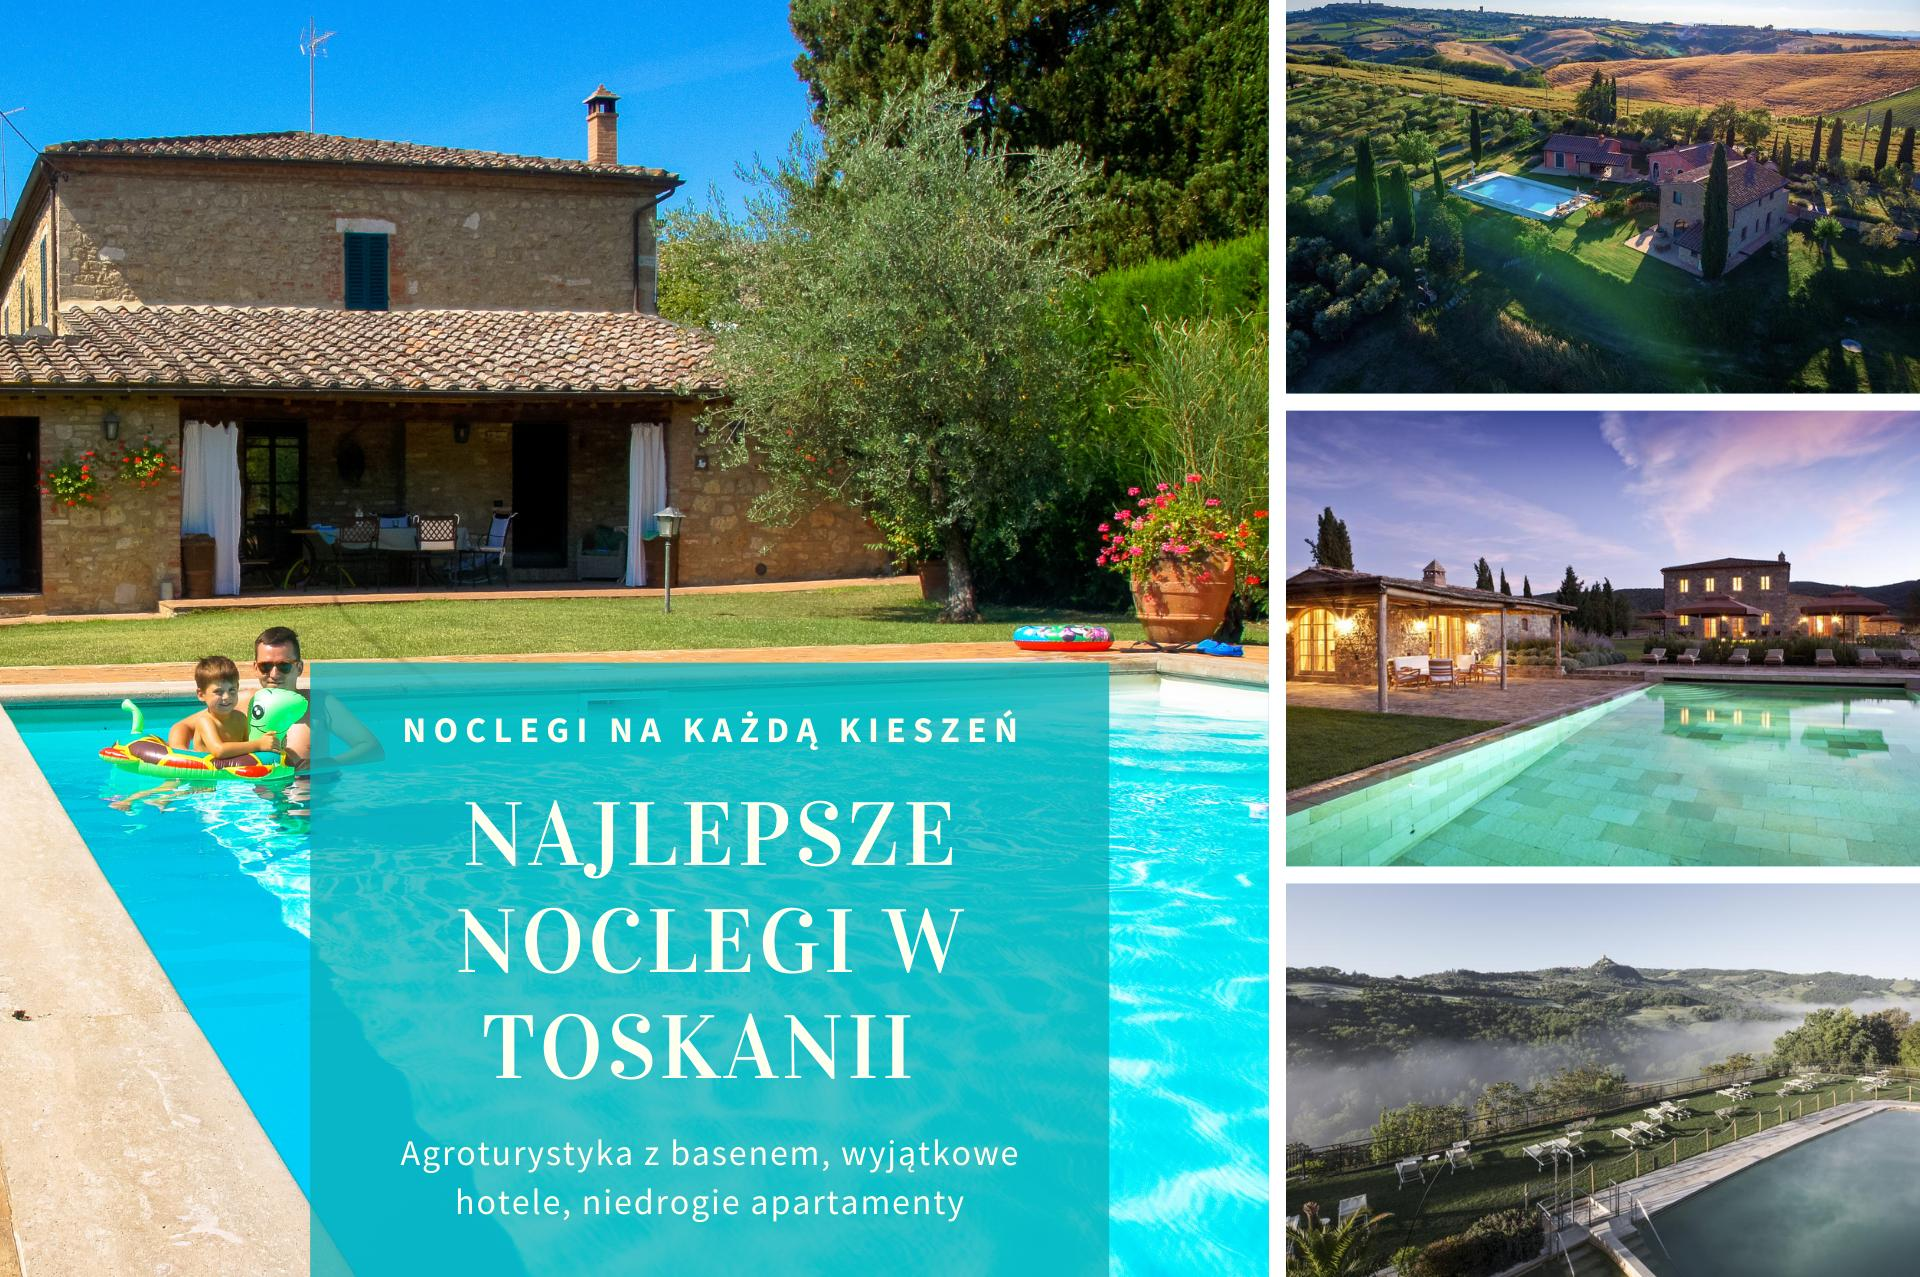 najlepsze noclegi w Toskanii - agroturystyka z basenem, wyjątkowe hotele i tanie apartamenty